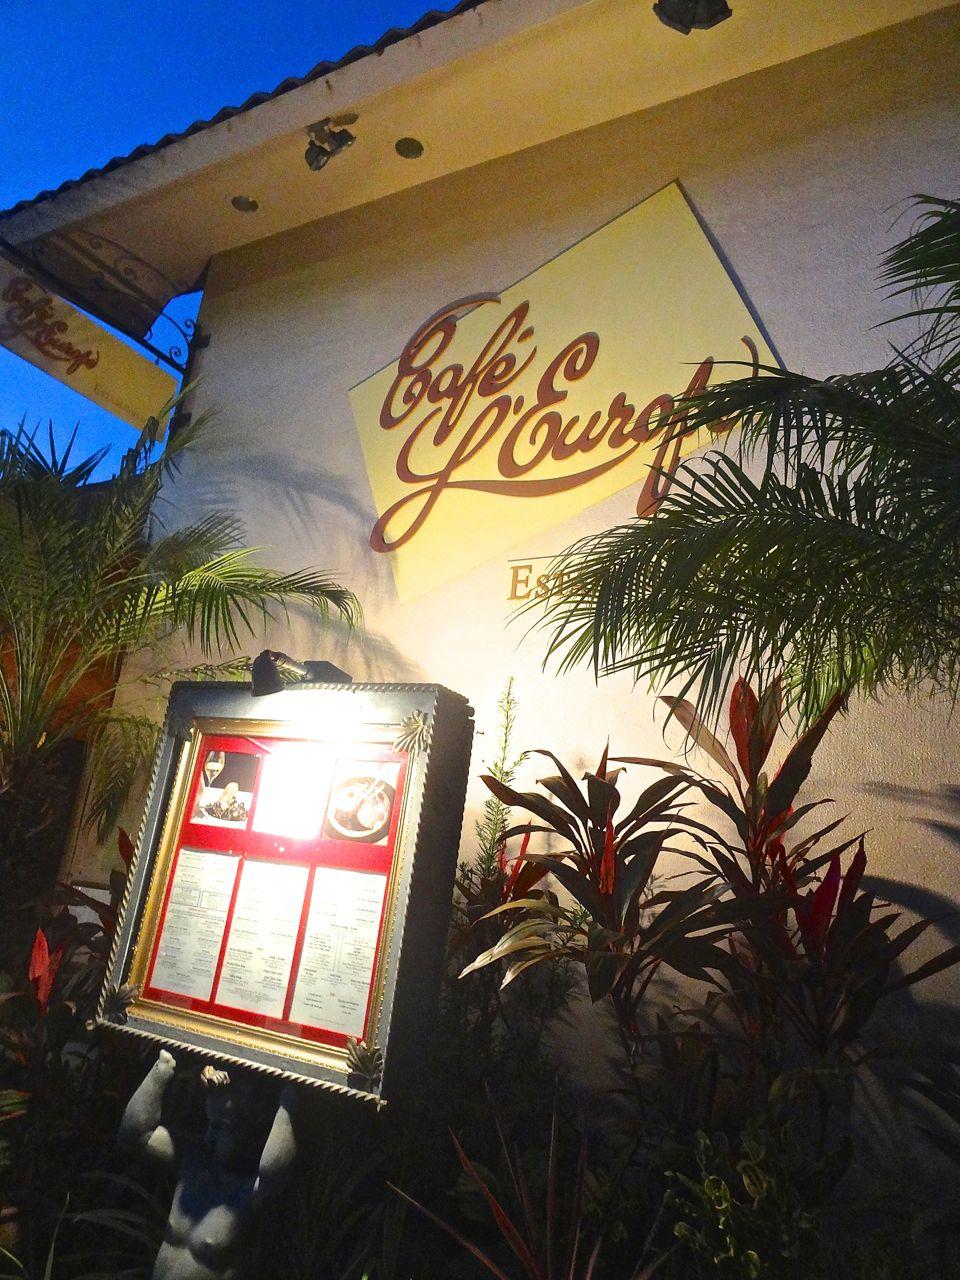 Cafe L Europe Sarasota Christmas 2021 Scrumpdillyicious Cafe L Europe Christmas Dinner On St Armands Circle